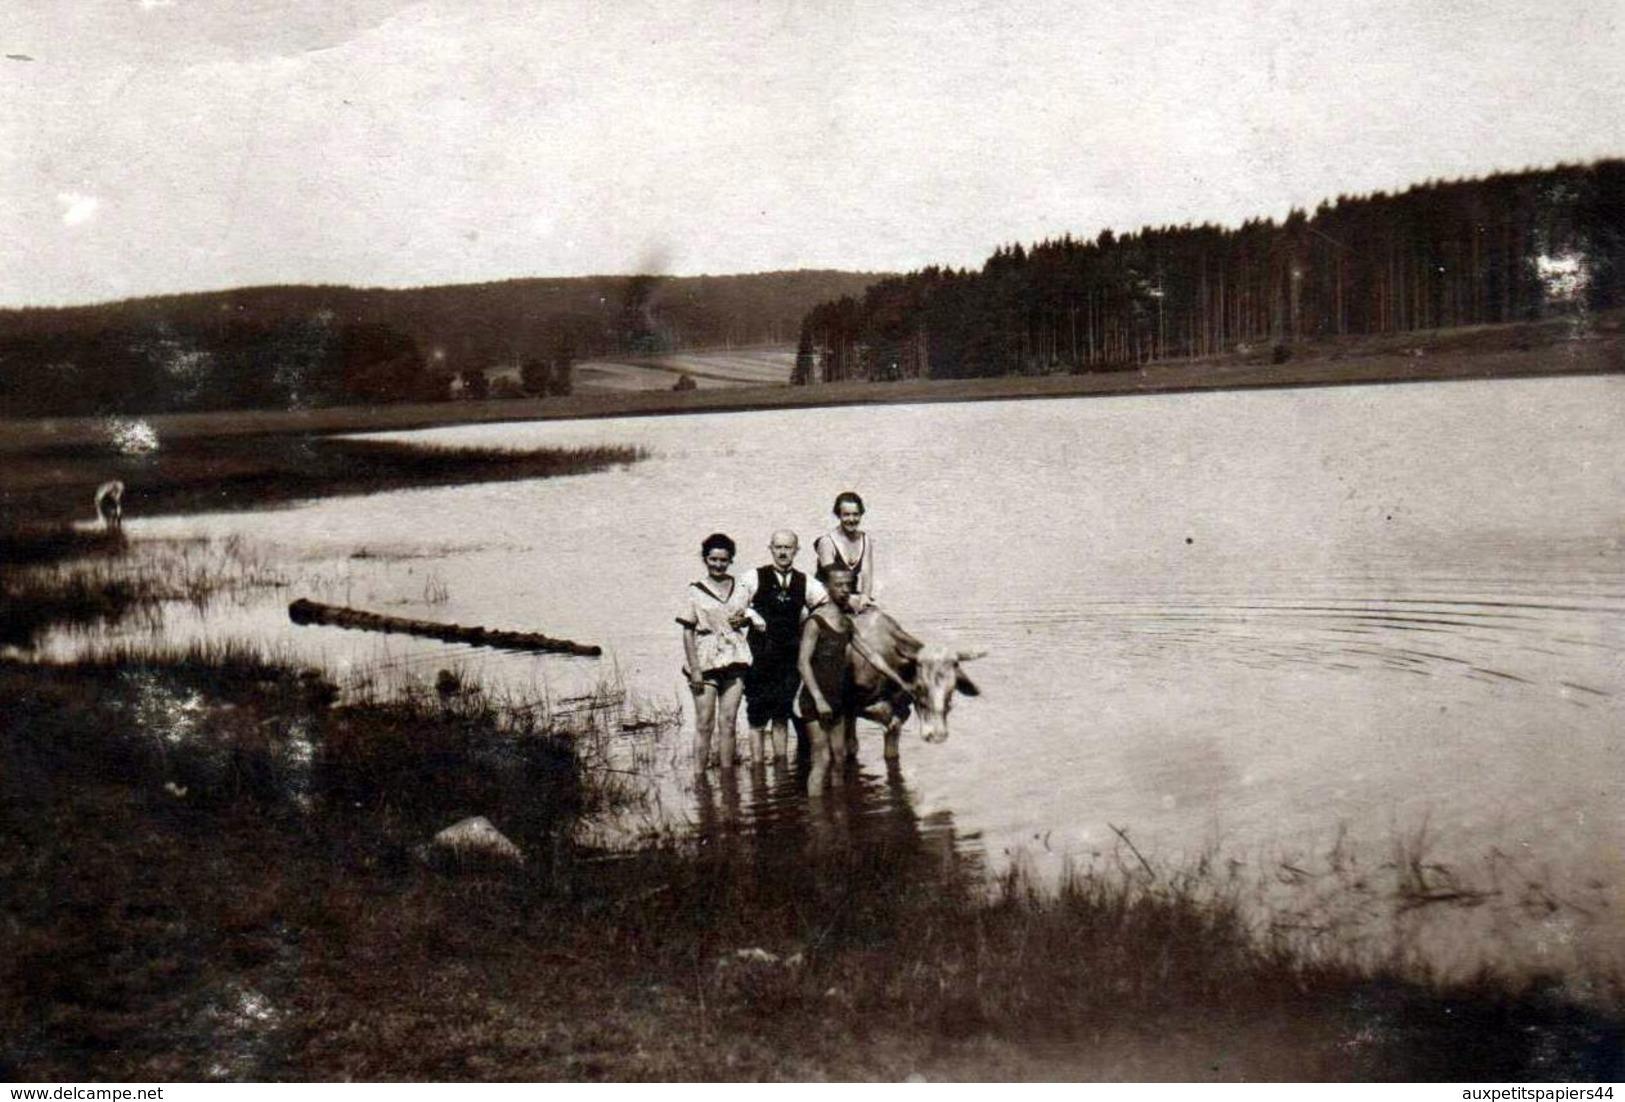 Amusante Carte Photo Originale D'un Bain Au Lac Pour Une Famille En Maillot De Bains Et Femme Sur Vache - Herbstein - Anonymous Persons